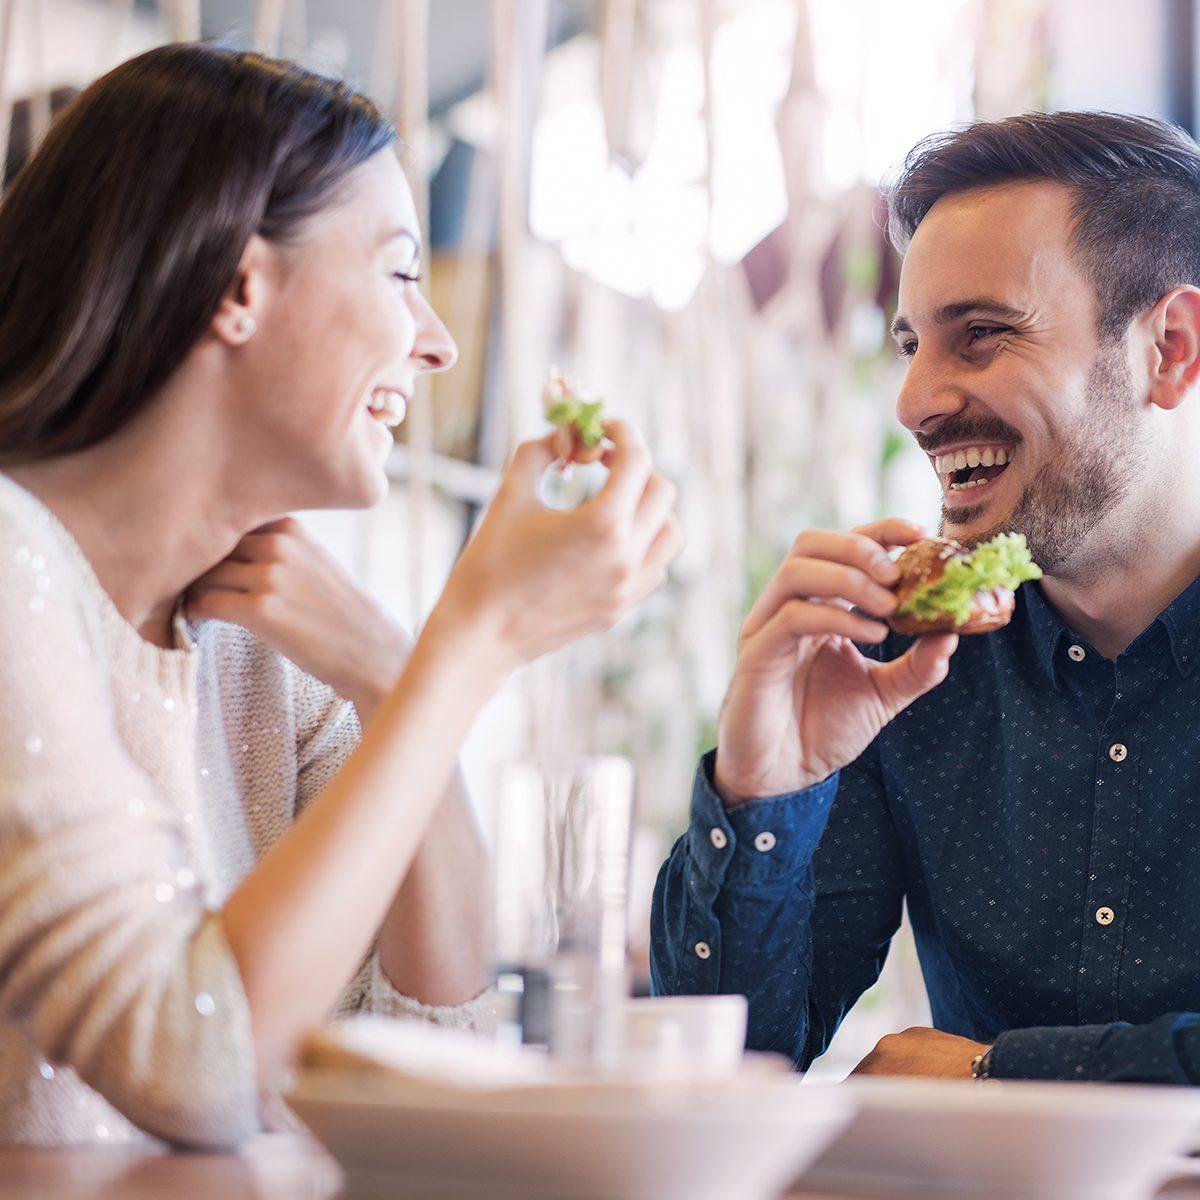 Happy loving couple enjoying breakfast in a cafe.